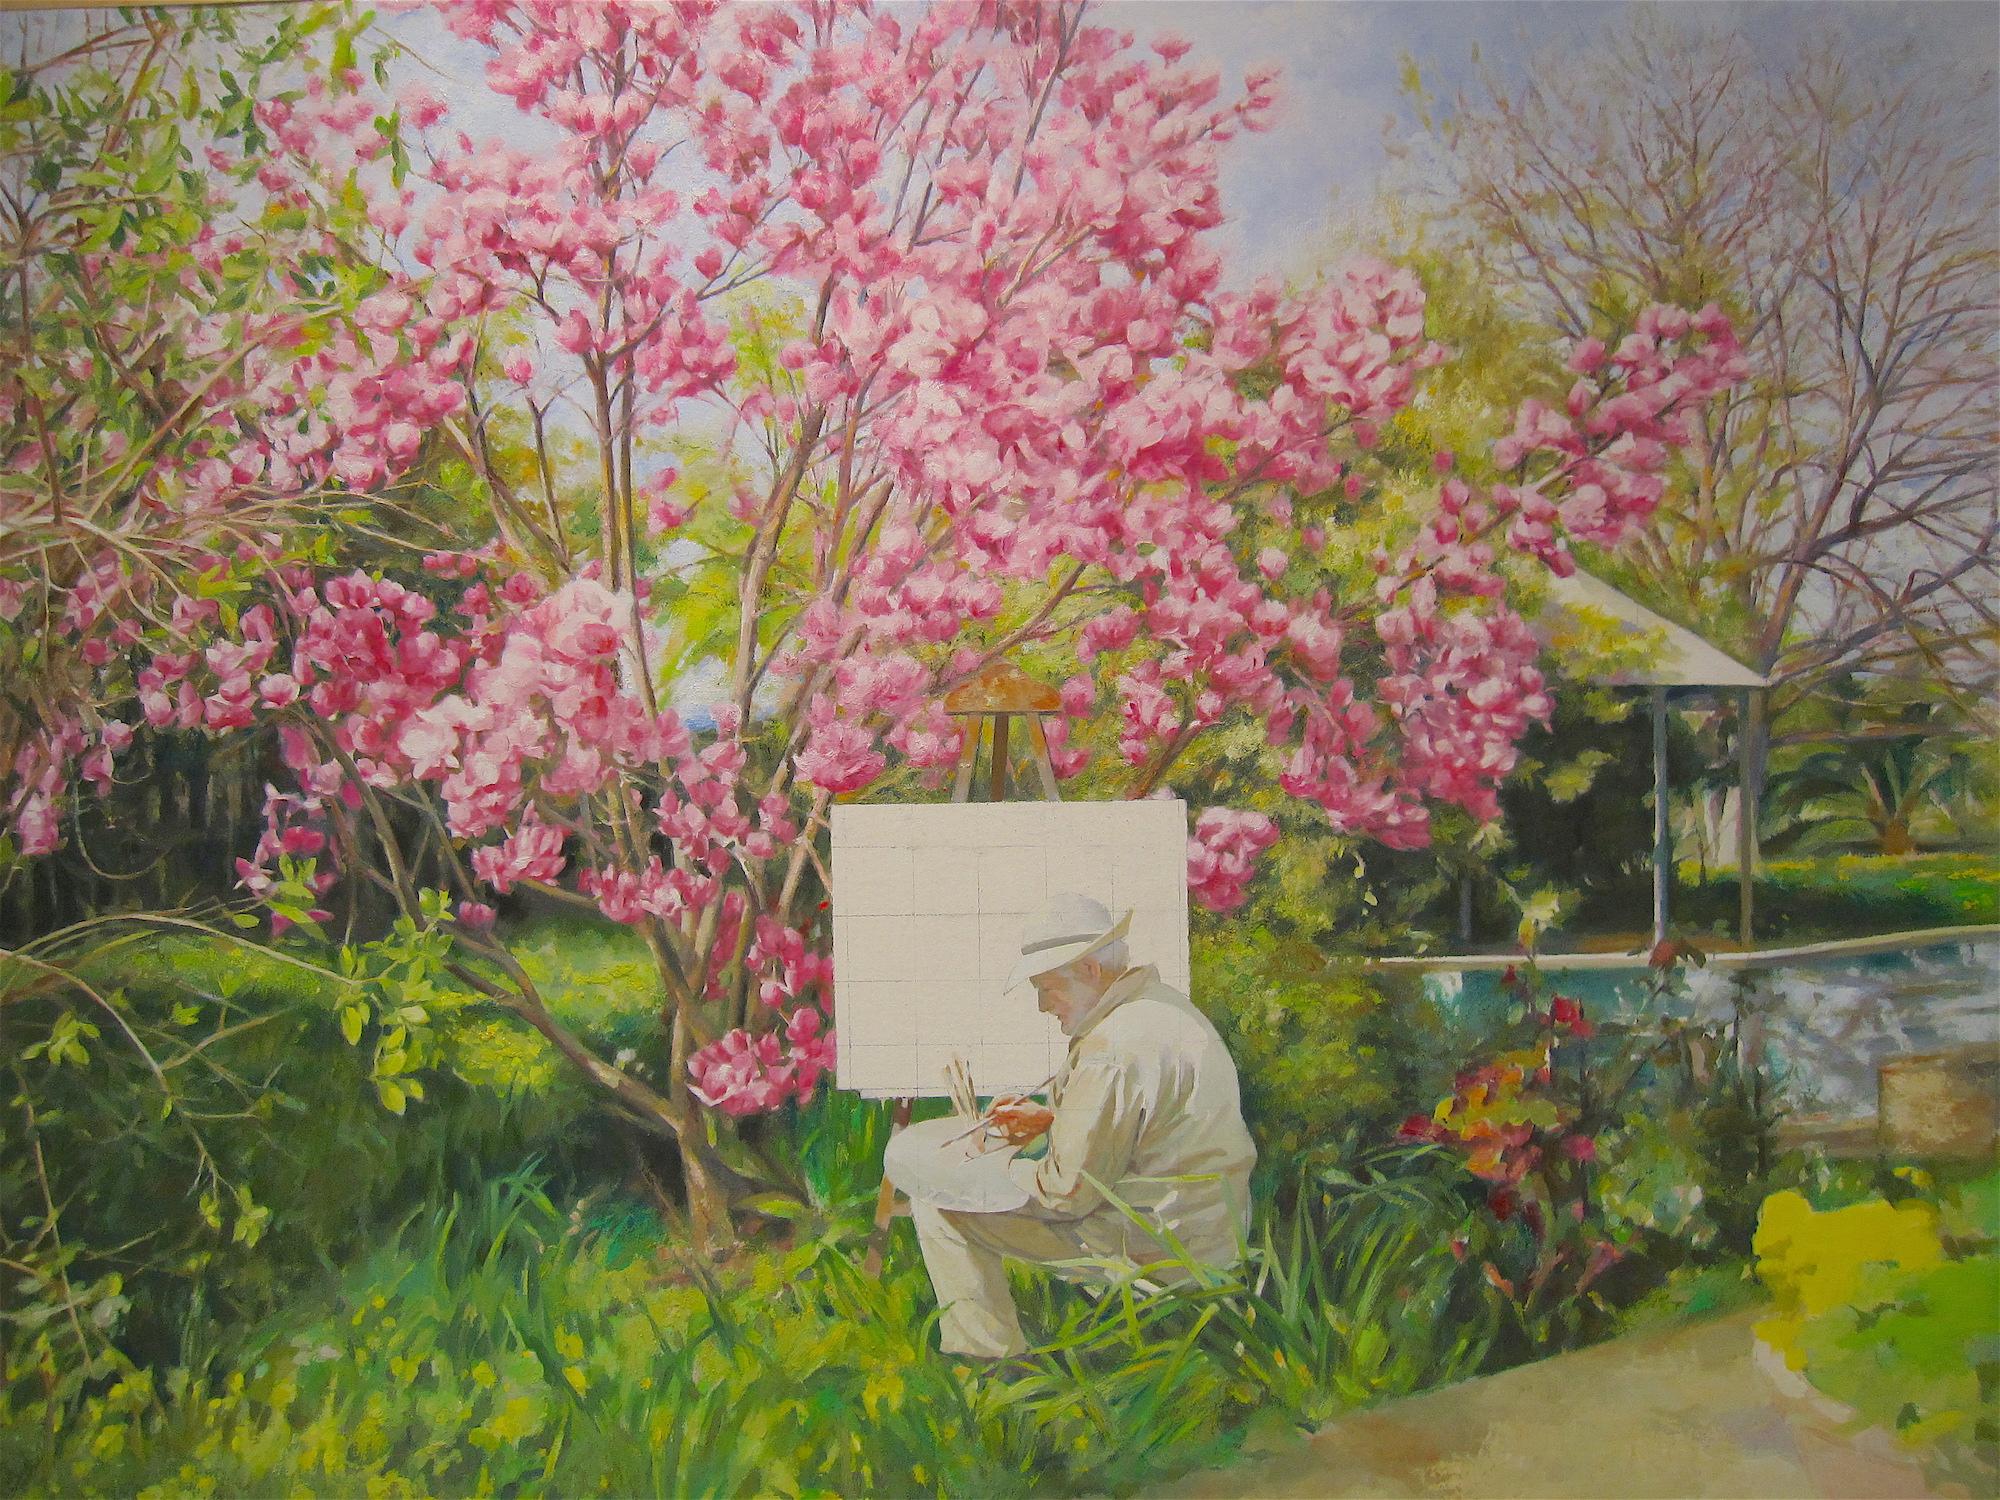 Magnolio-y-pintor-oleo-Traver-Calzada